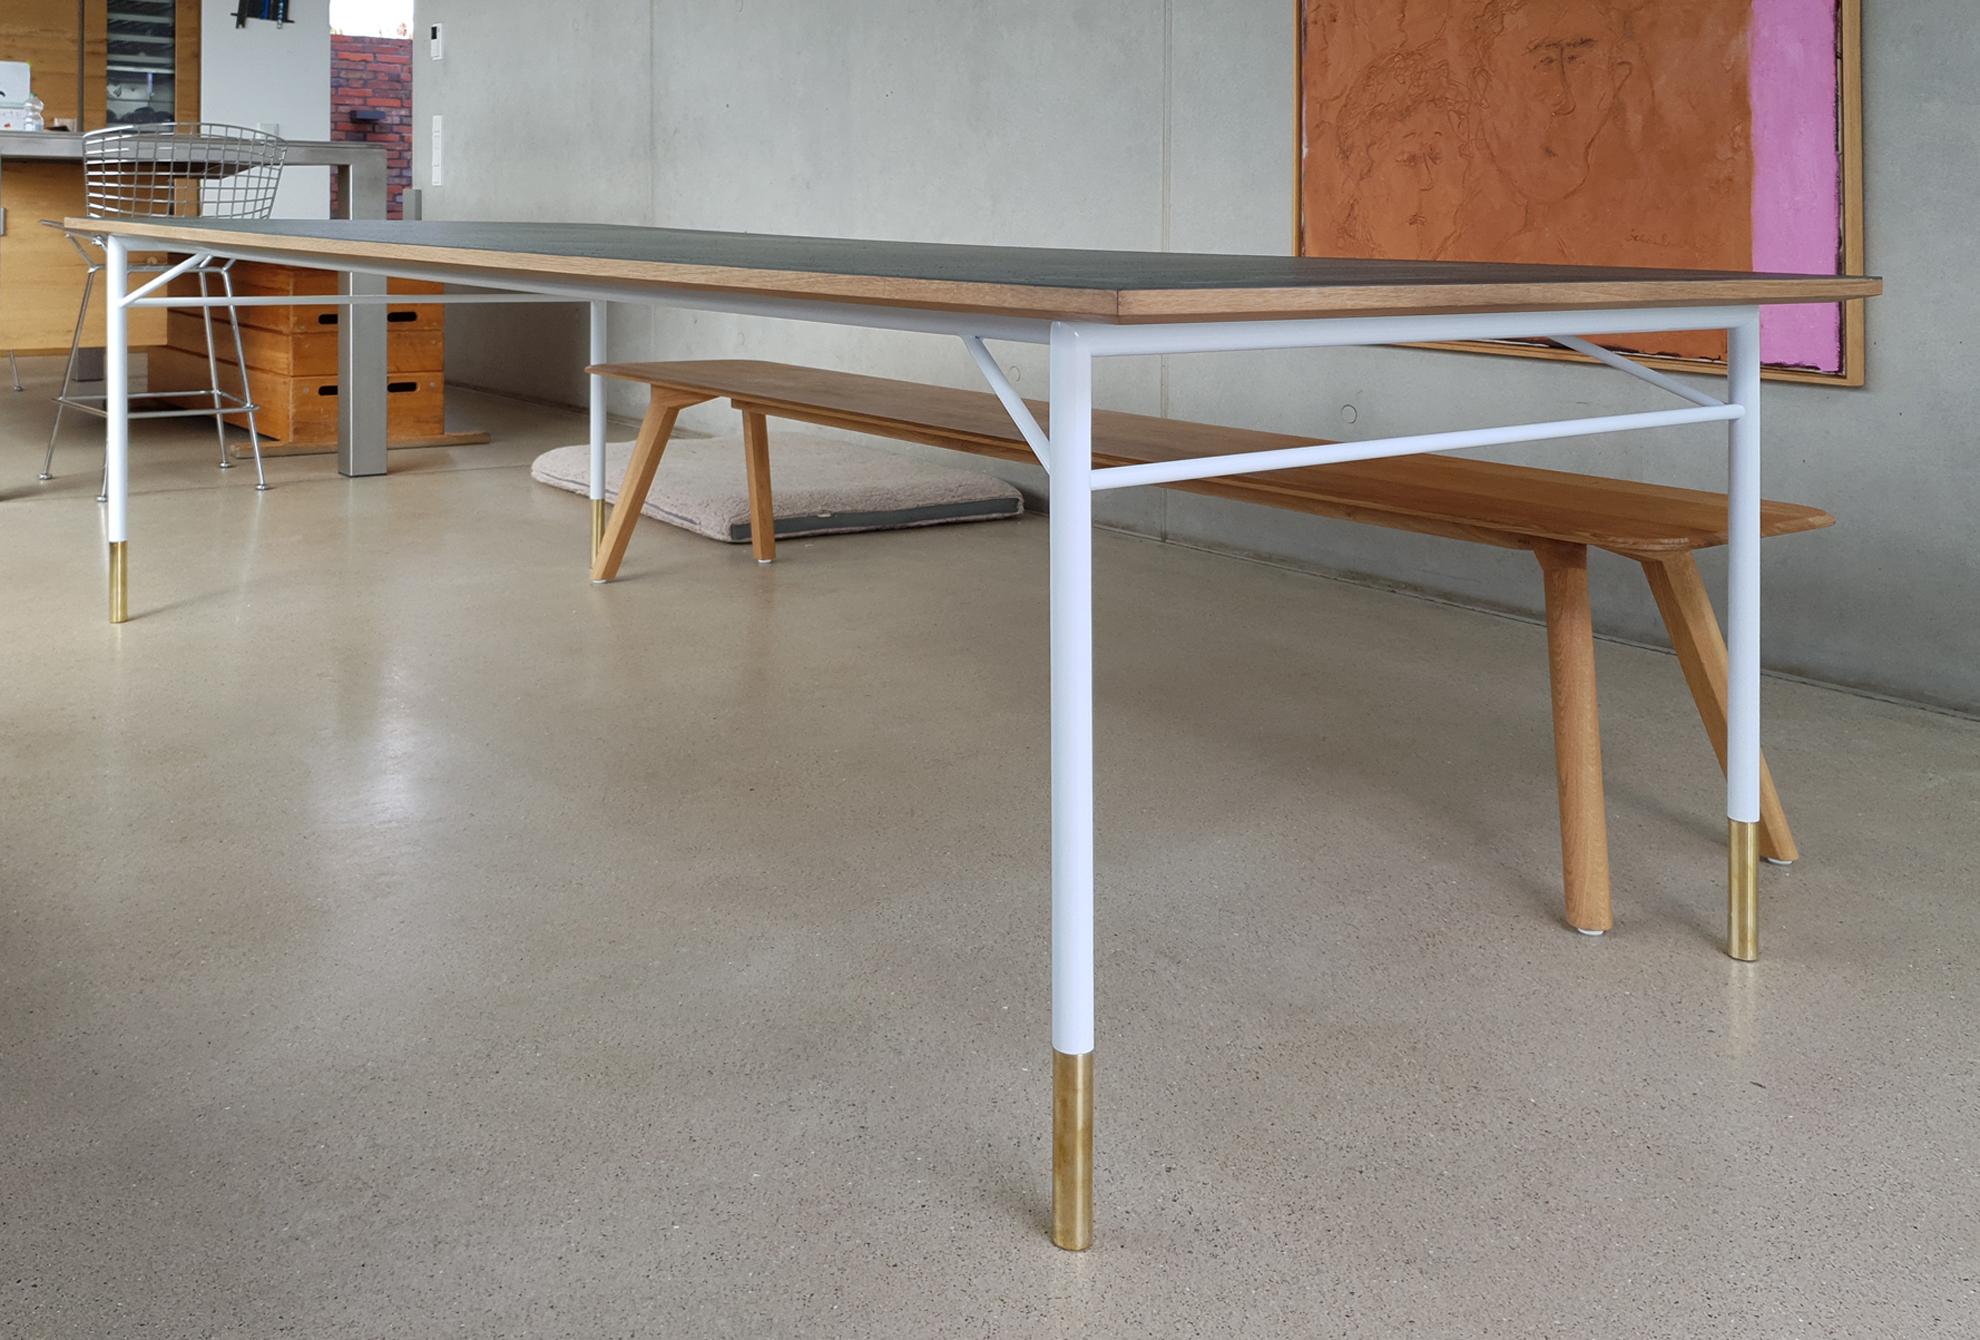 Tisch, Eichenplatte mit Linoleum. Pulverbeschichtetes Stahlgestell mit Messingfüssen